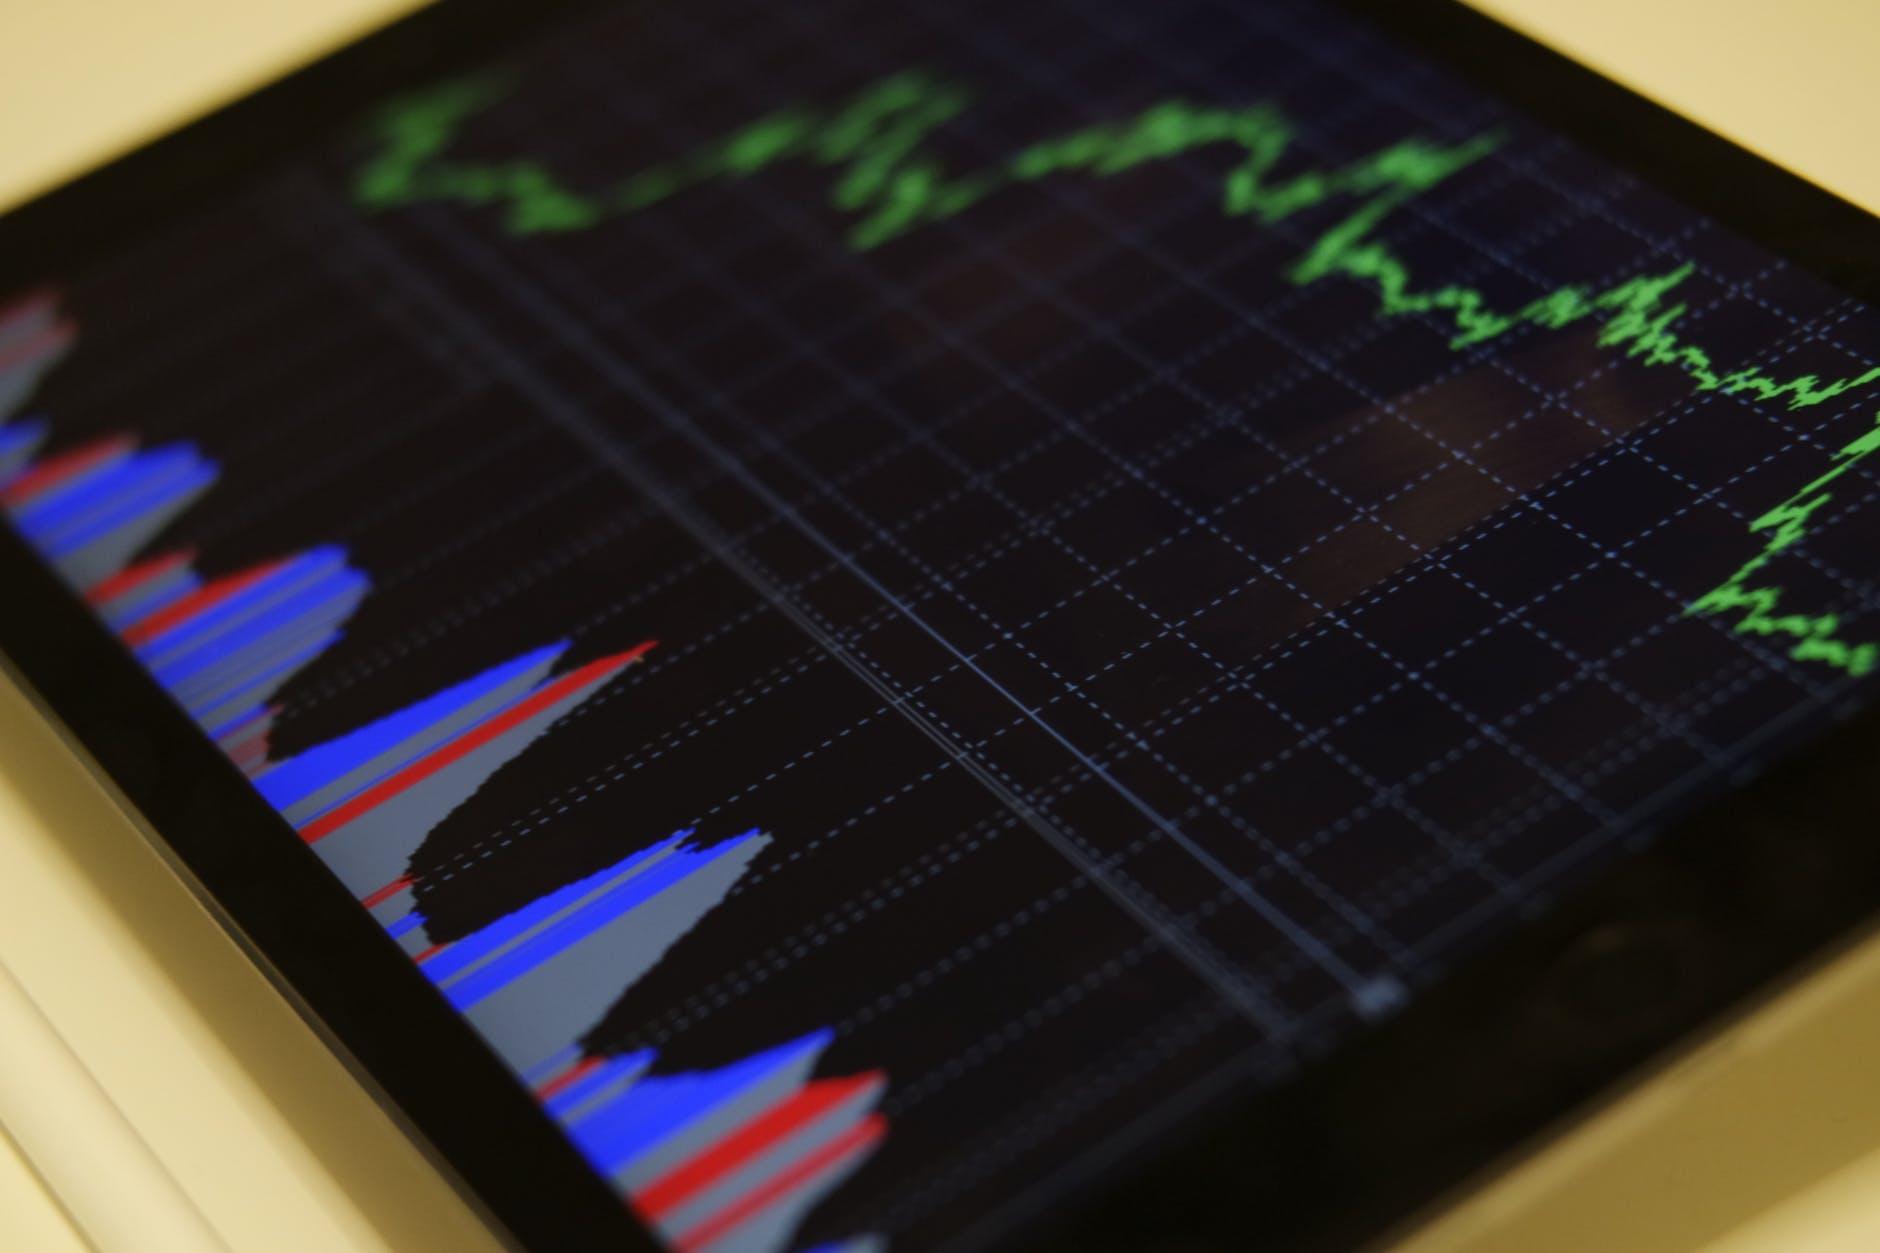 BTG Pactual registra lucro de R$ 1,7 bi no segundo trimestre, alta de 74% em um ano